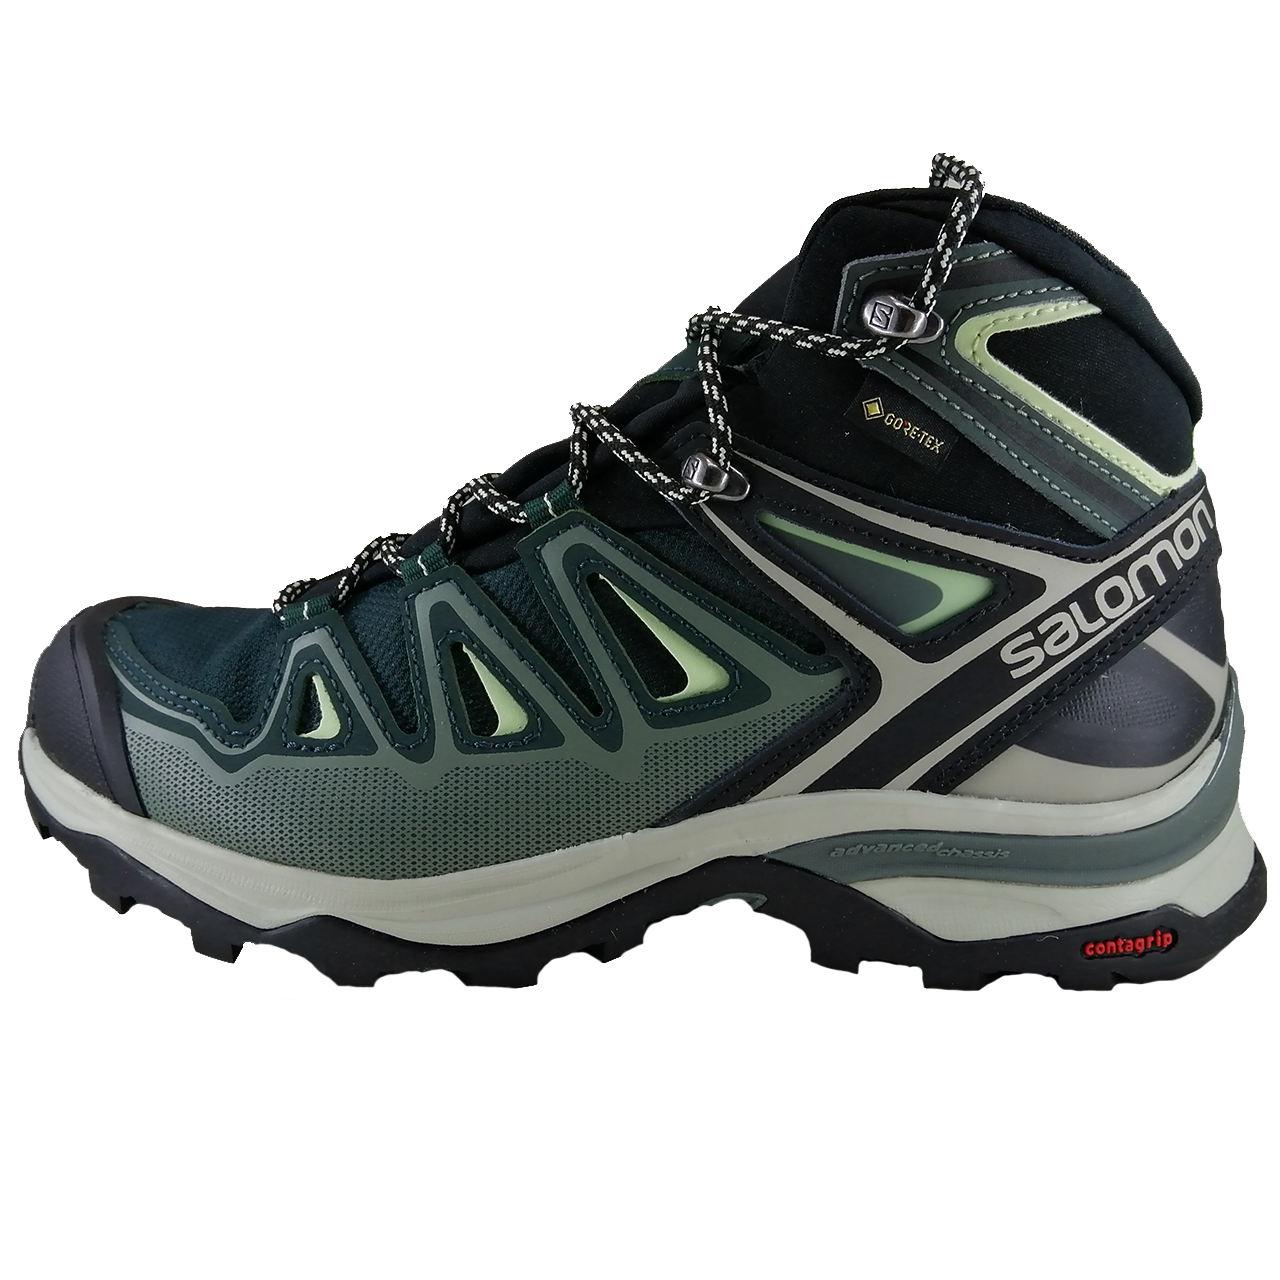 کفش کوهنوردی زنانه سالومون مدل 409940- X Ultra 3 Mid GTX